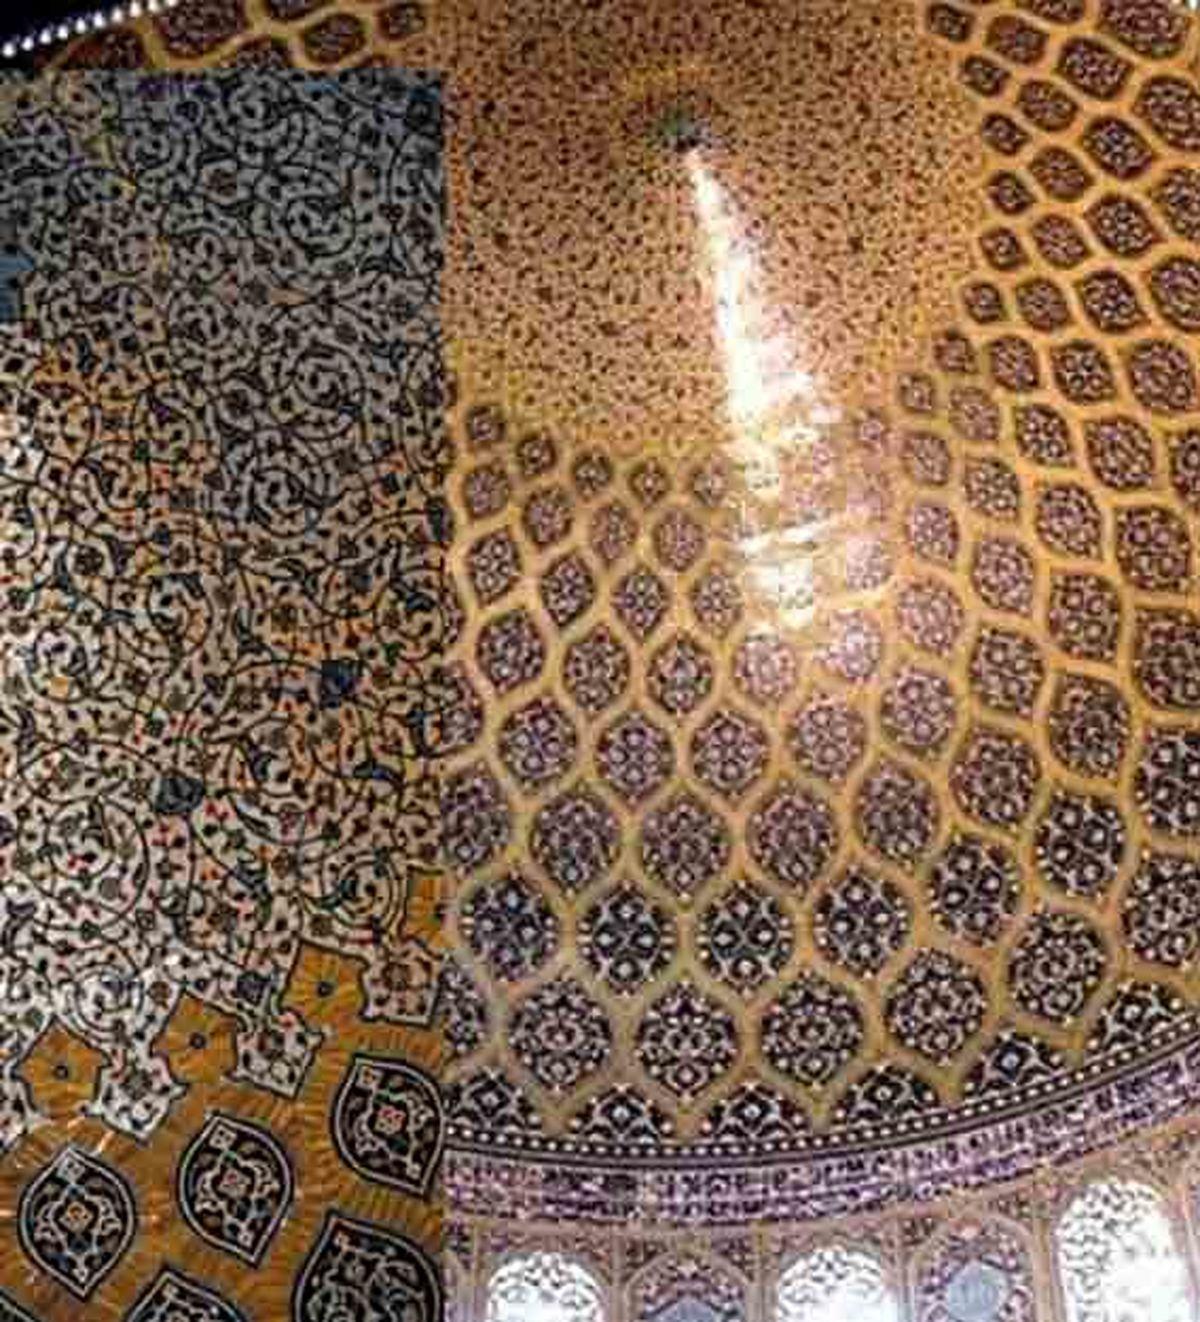 راز طاووس نورانی در گنبد مسجد شیخ لطفالله اصفهان عکس